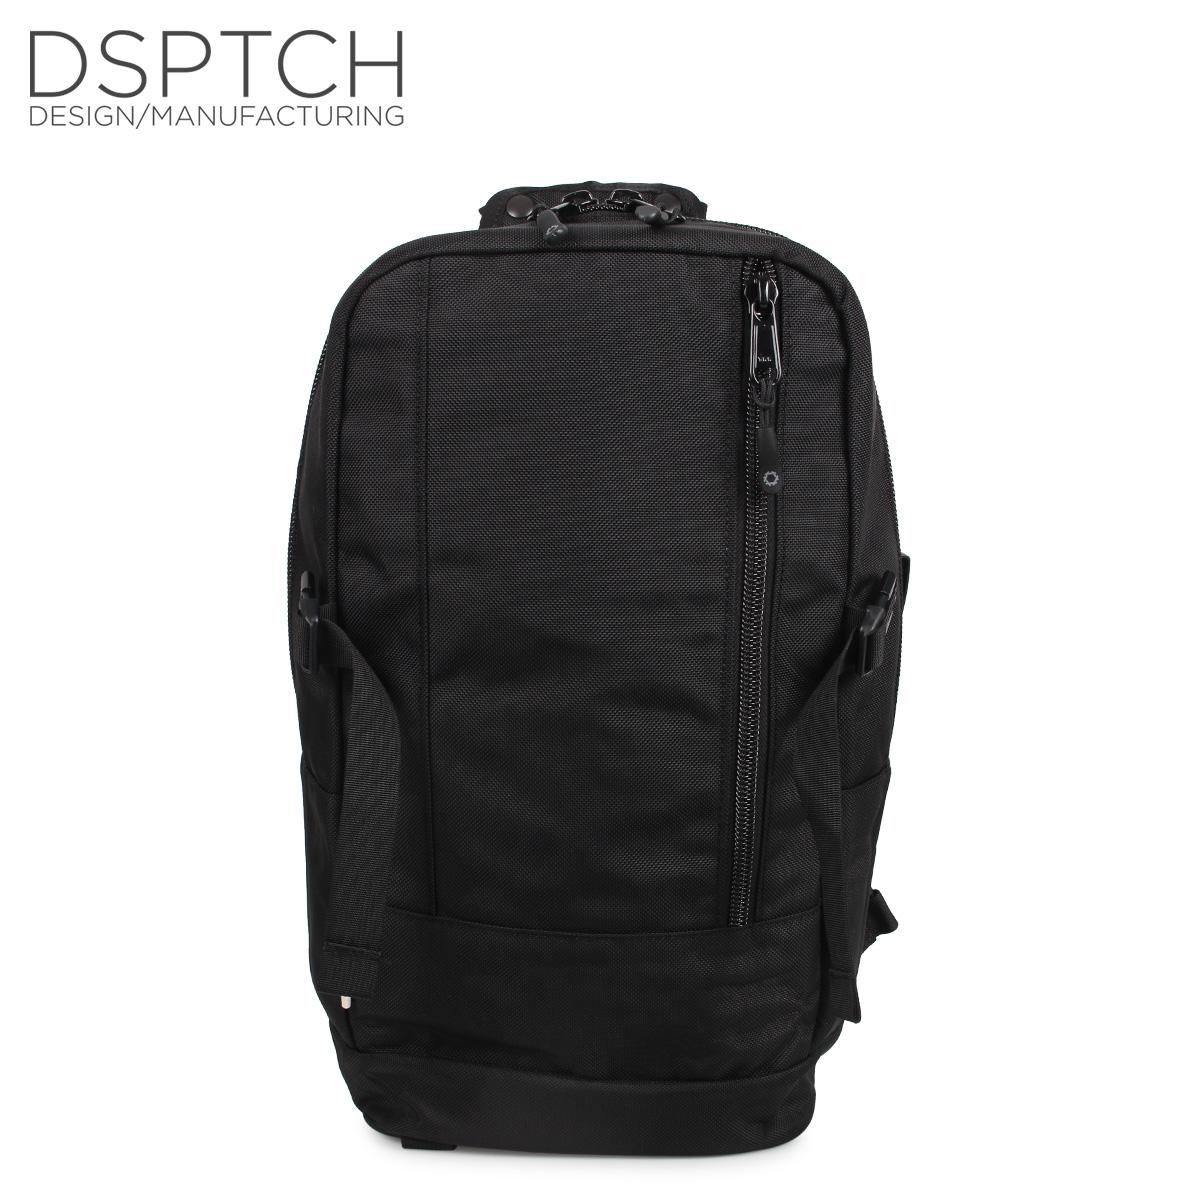 ディスパッチ DSPTCH バッグ リュック バックパック メンズ レディース DAYPACK 22L ブラック 黒 PCK-DP